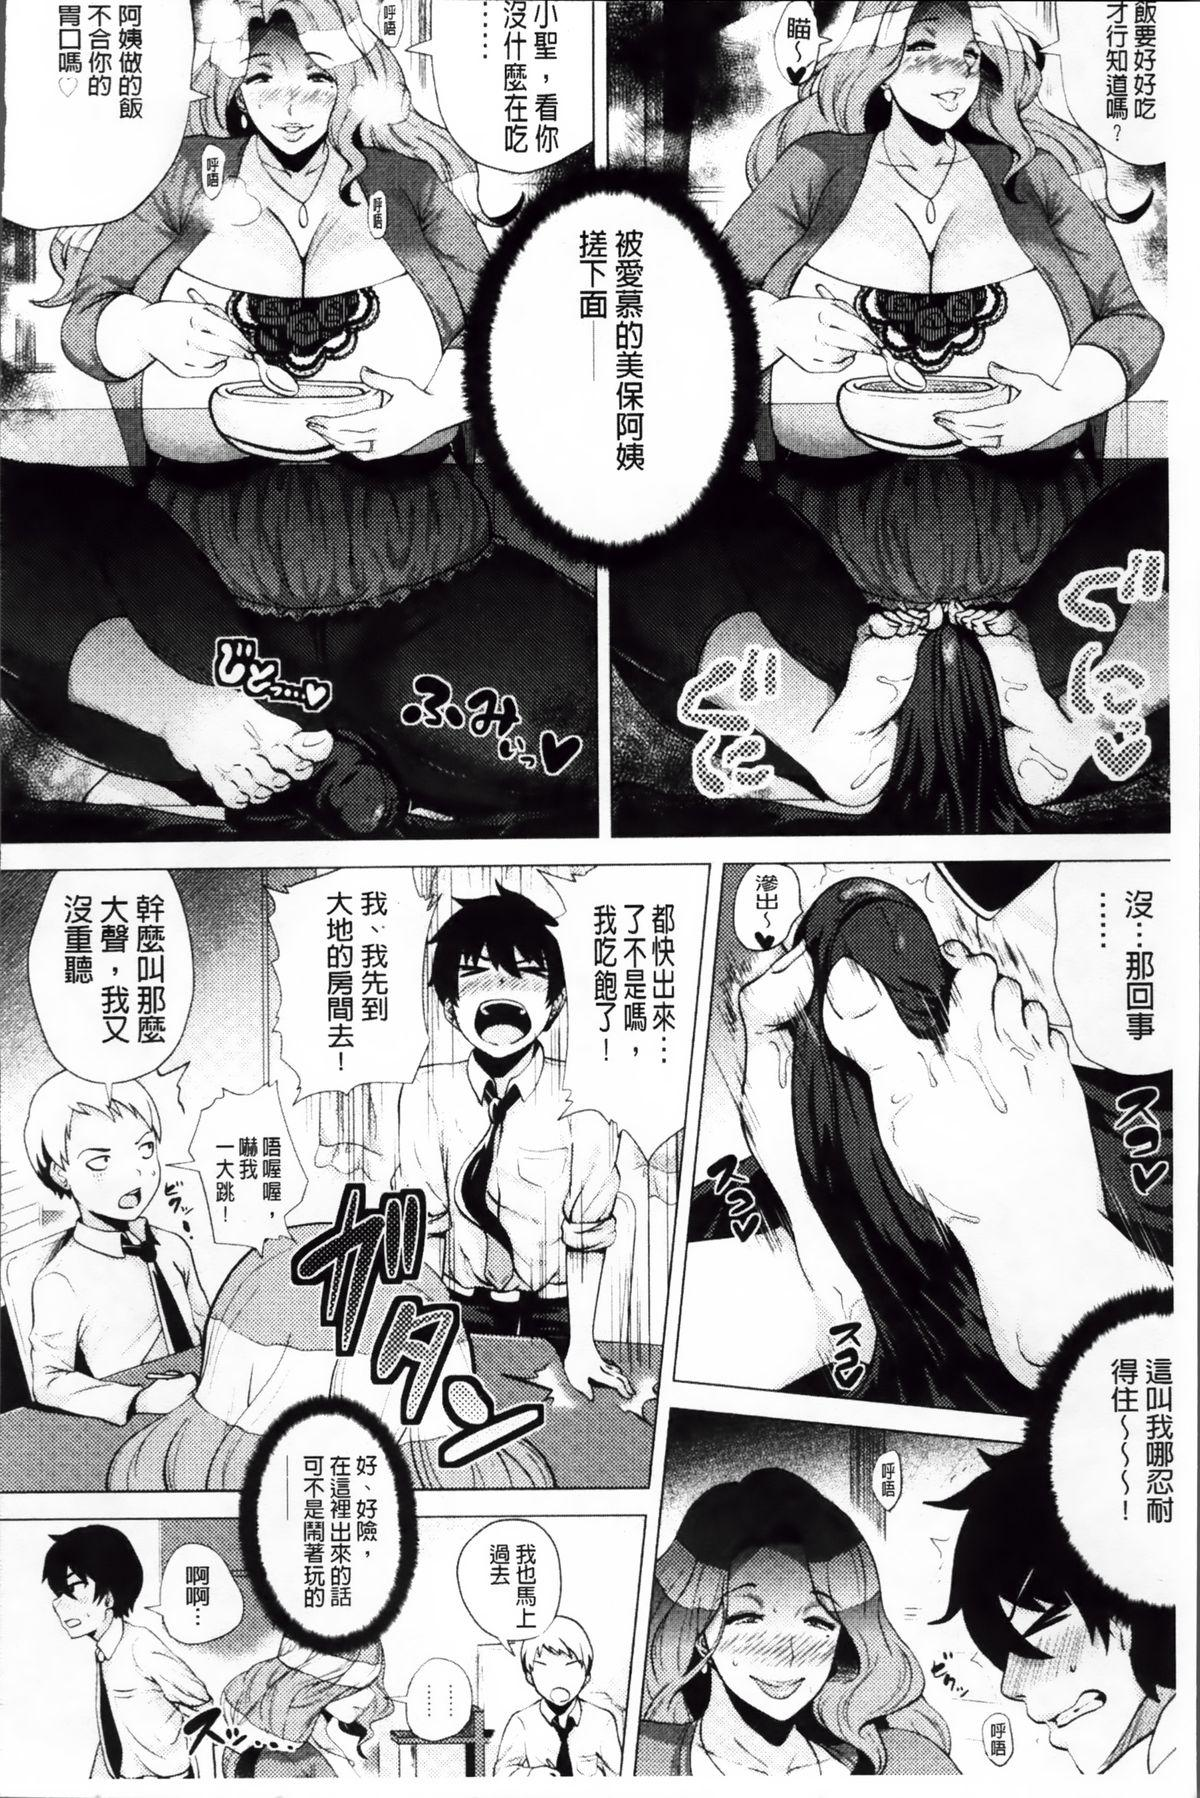 Megabody Night - Watashi no Oniku o Meshiagare 83